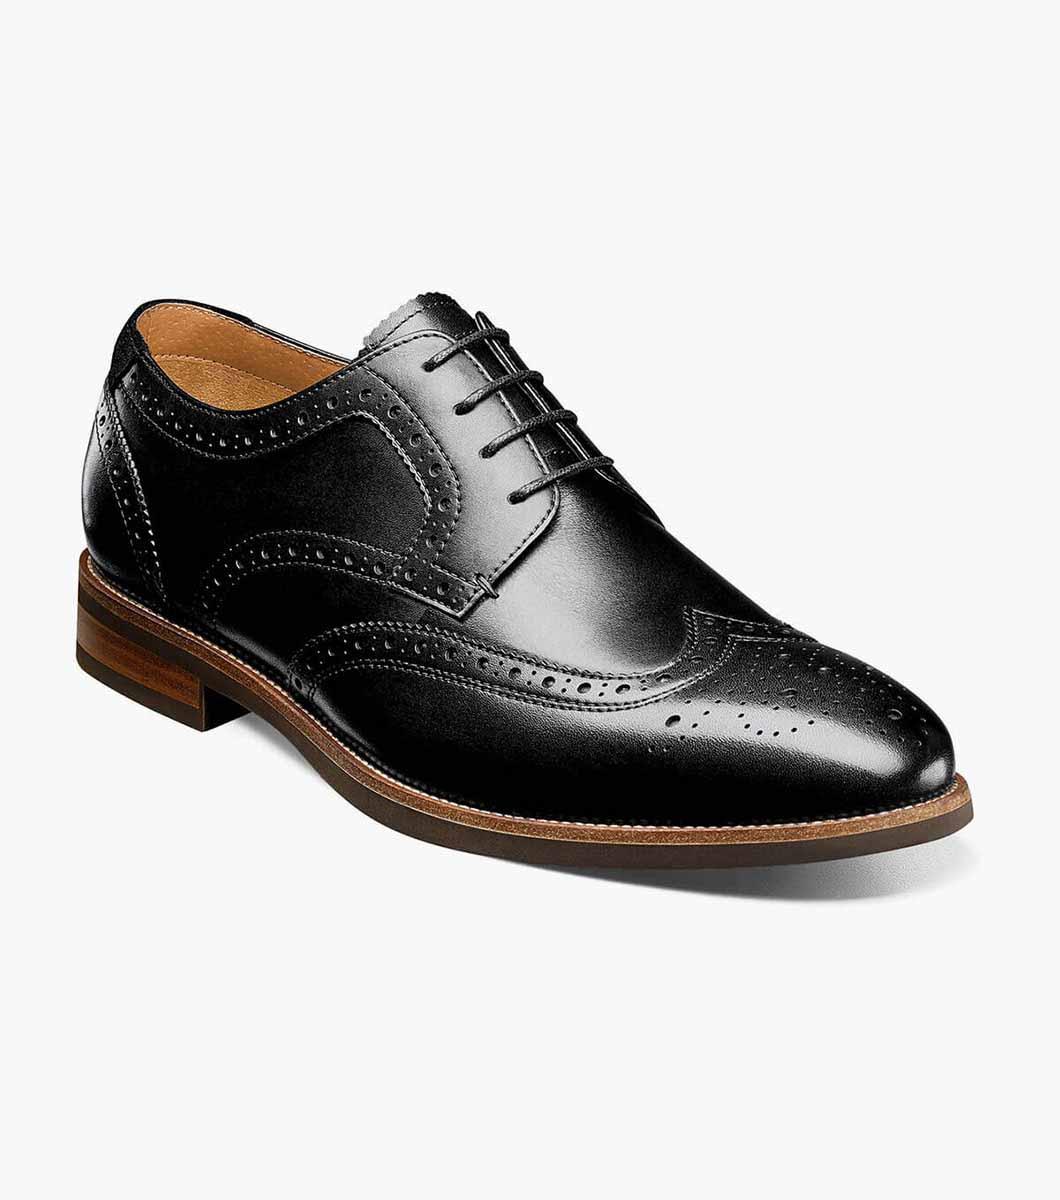 Florsheim Uptown Wingtip Oxford Dress Shoes Modern Black 15170-001